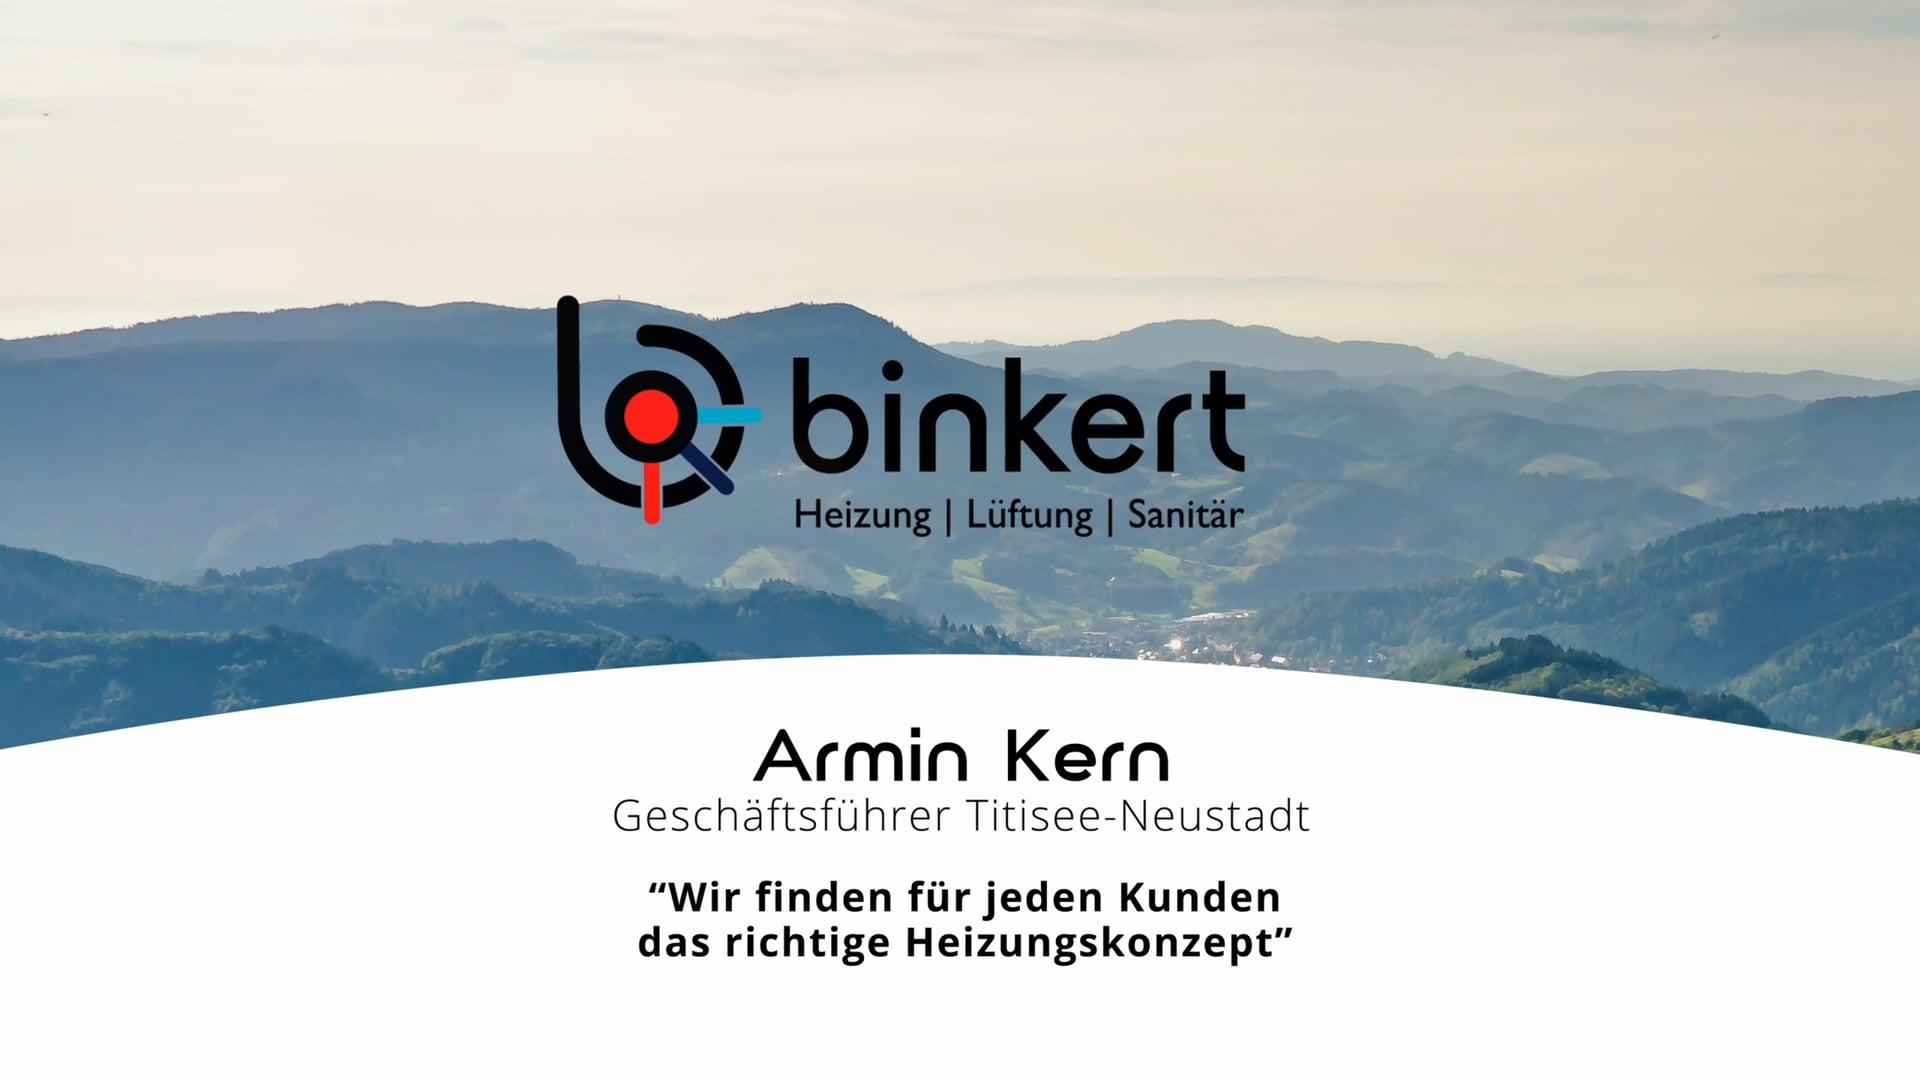 Armin Kern über die Firma Binkert Titisee-Neustadt